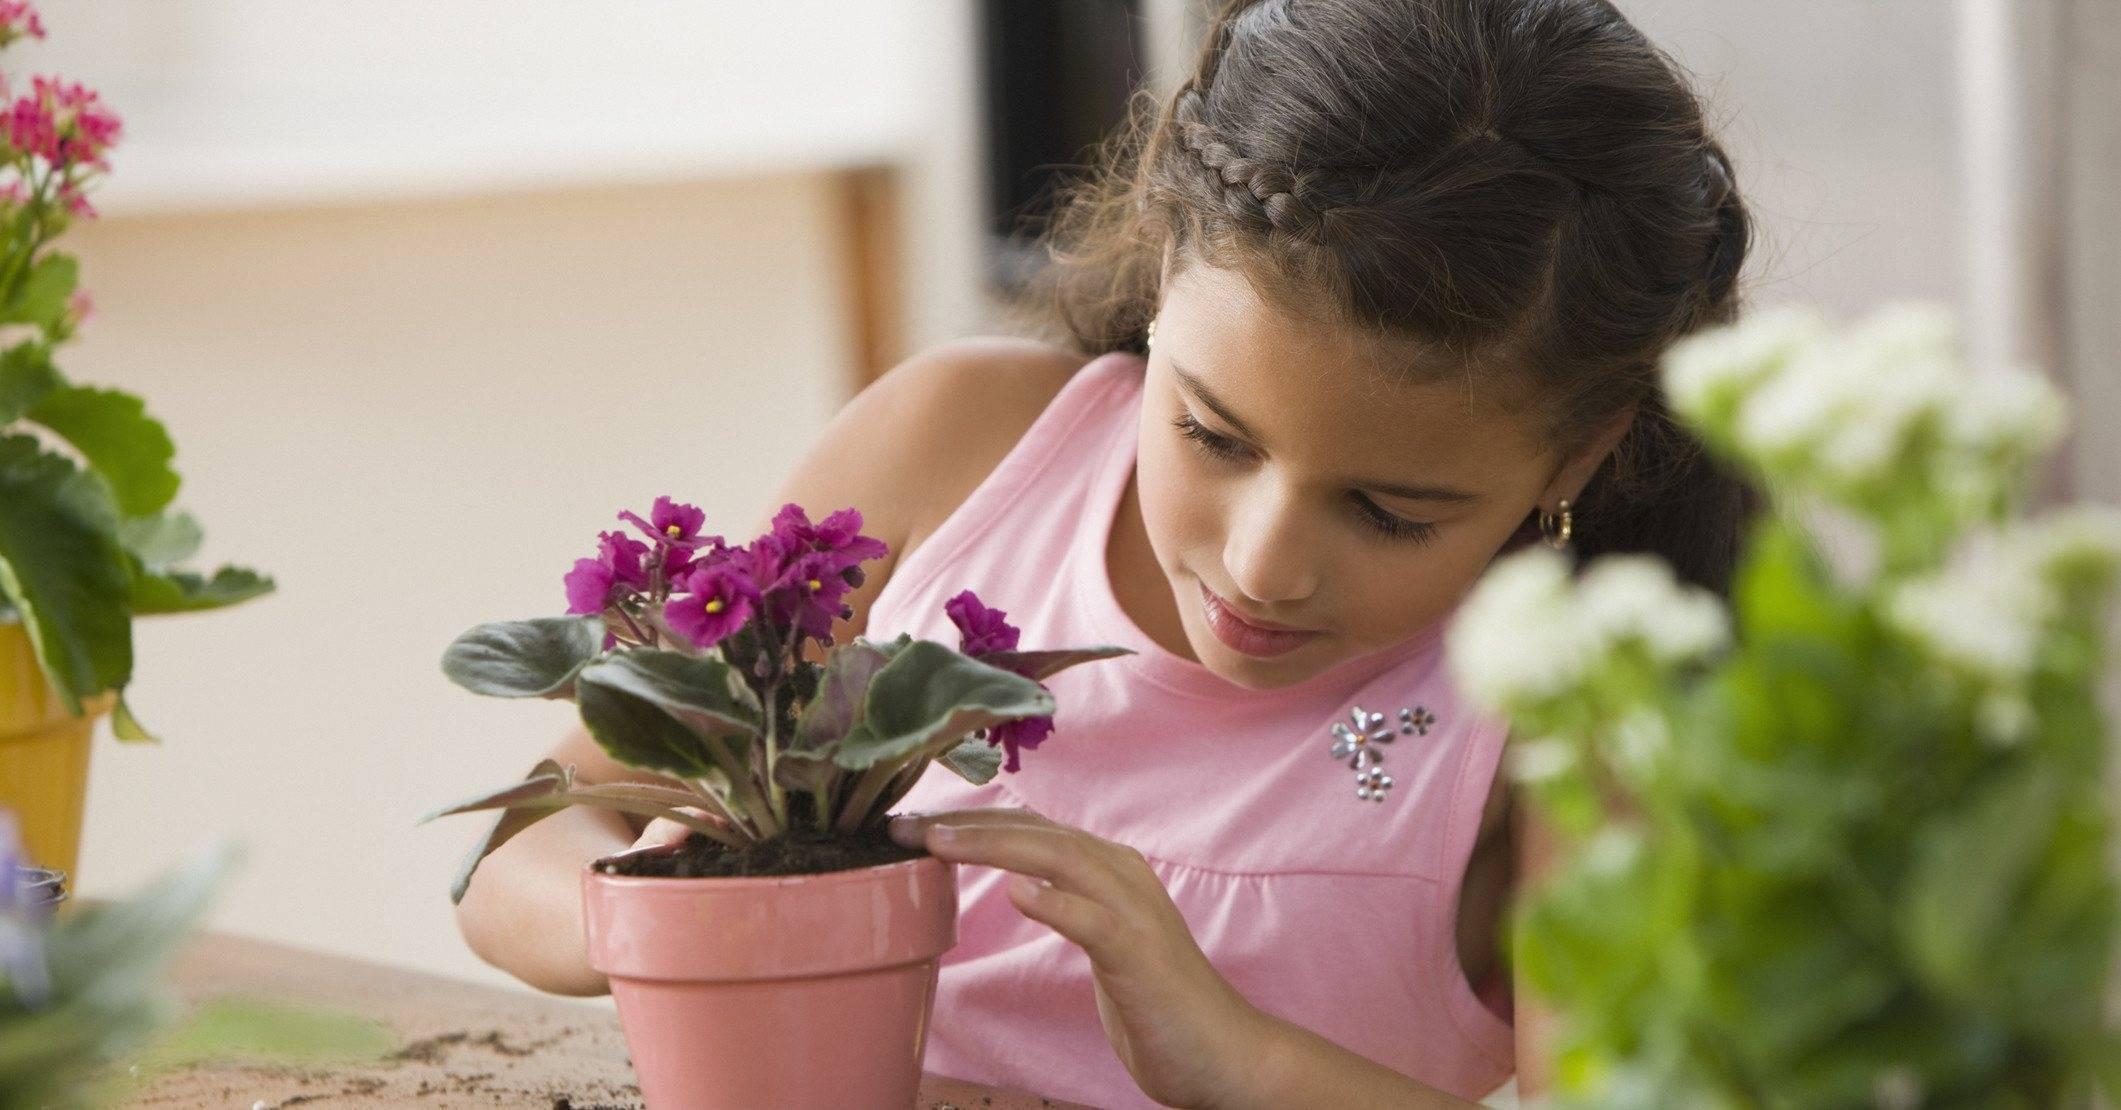 Узнайте поверья про фиалки, можно ли эти цветы держать дома, приметы и их толкование